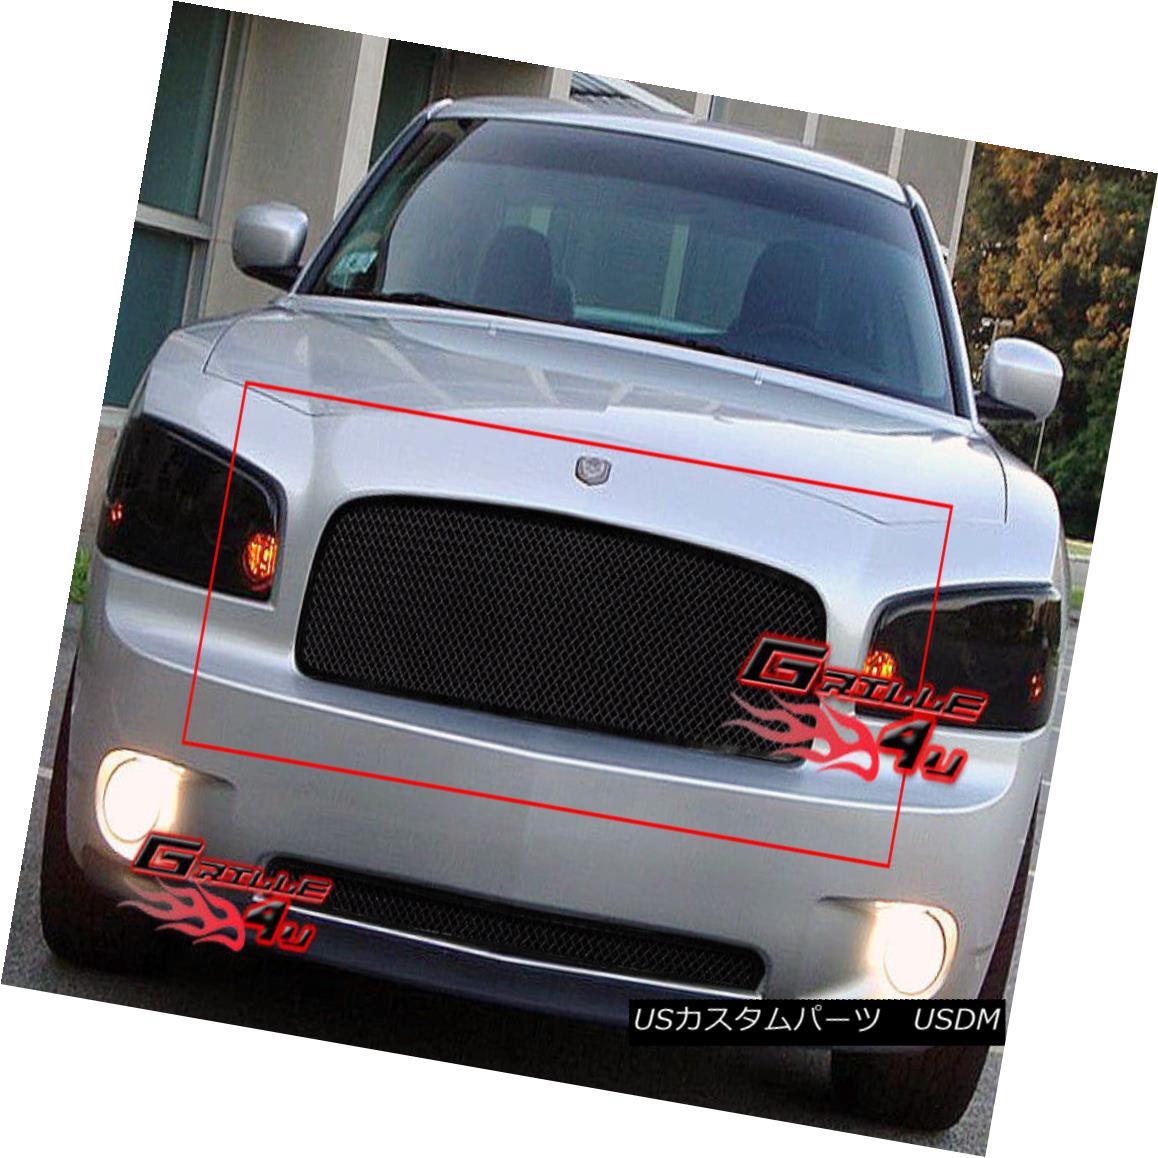 グリル Fits 2005-2010 Dodge Charger Black Stainless Mesh Grille Insert フィット2005-2010ダッジチャージャブラックステンレスメッシュグリルインサート